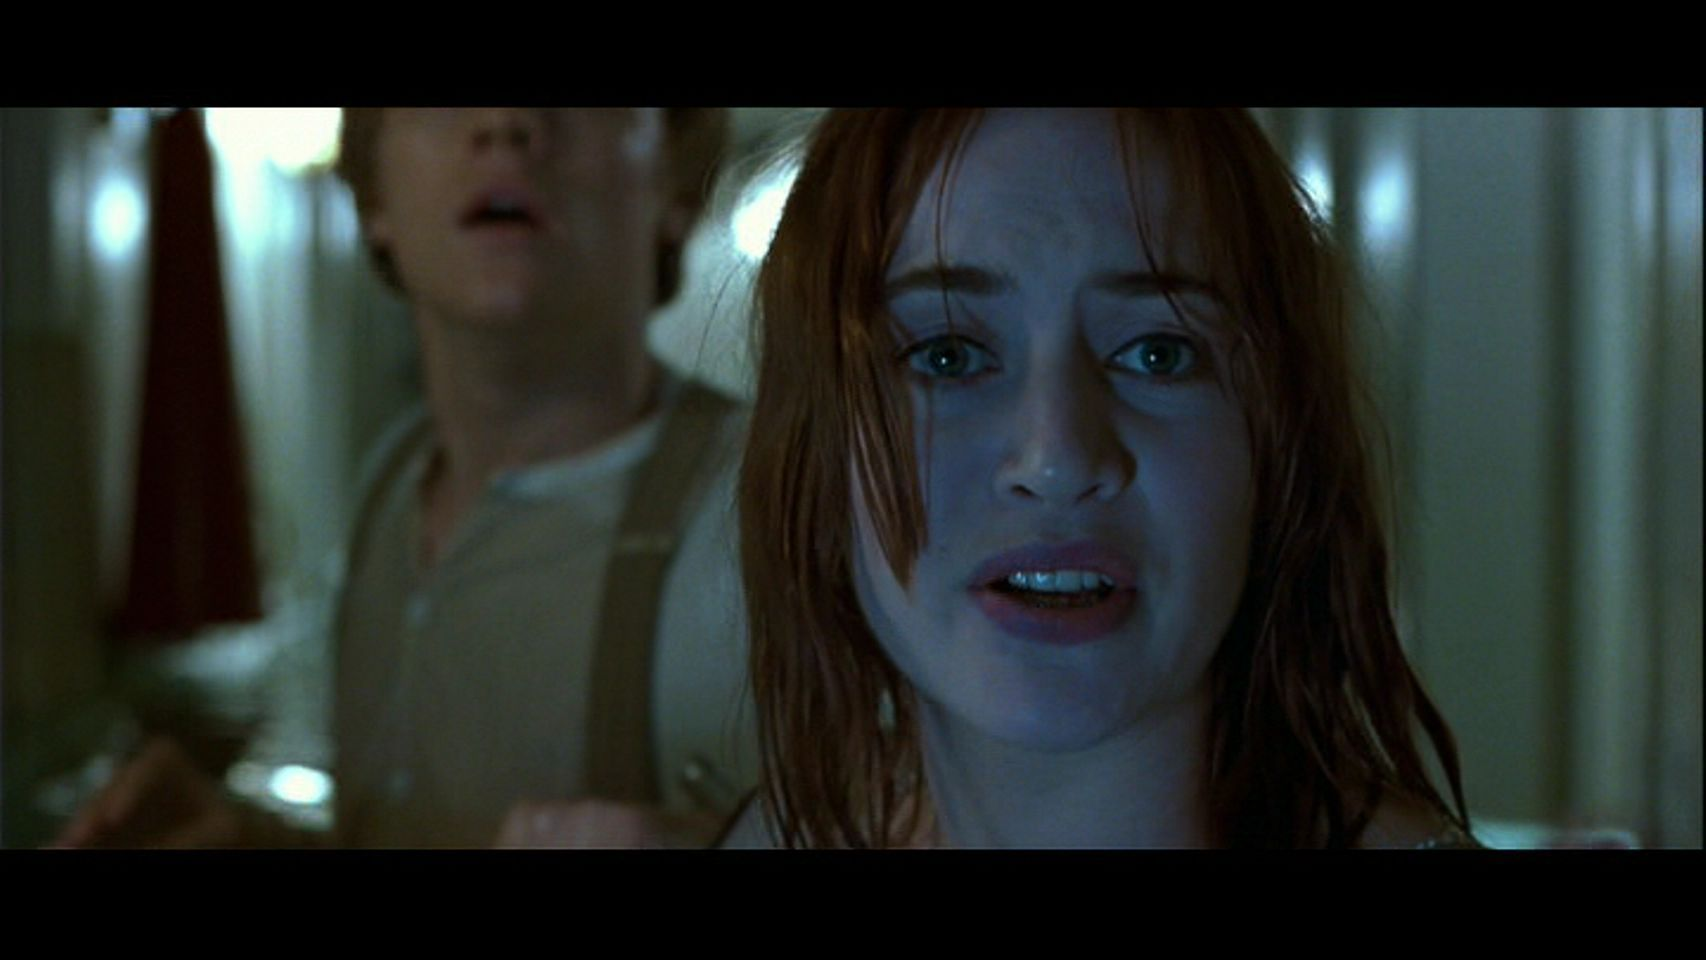 Titanic [1997] - Titanic Image (22286901) - Fanpop